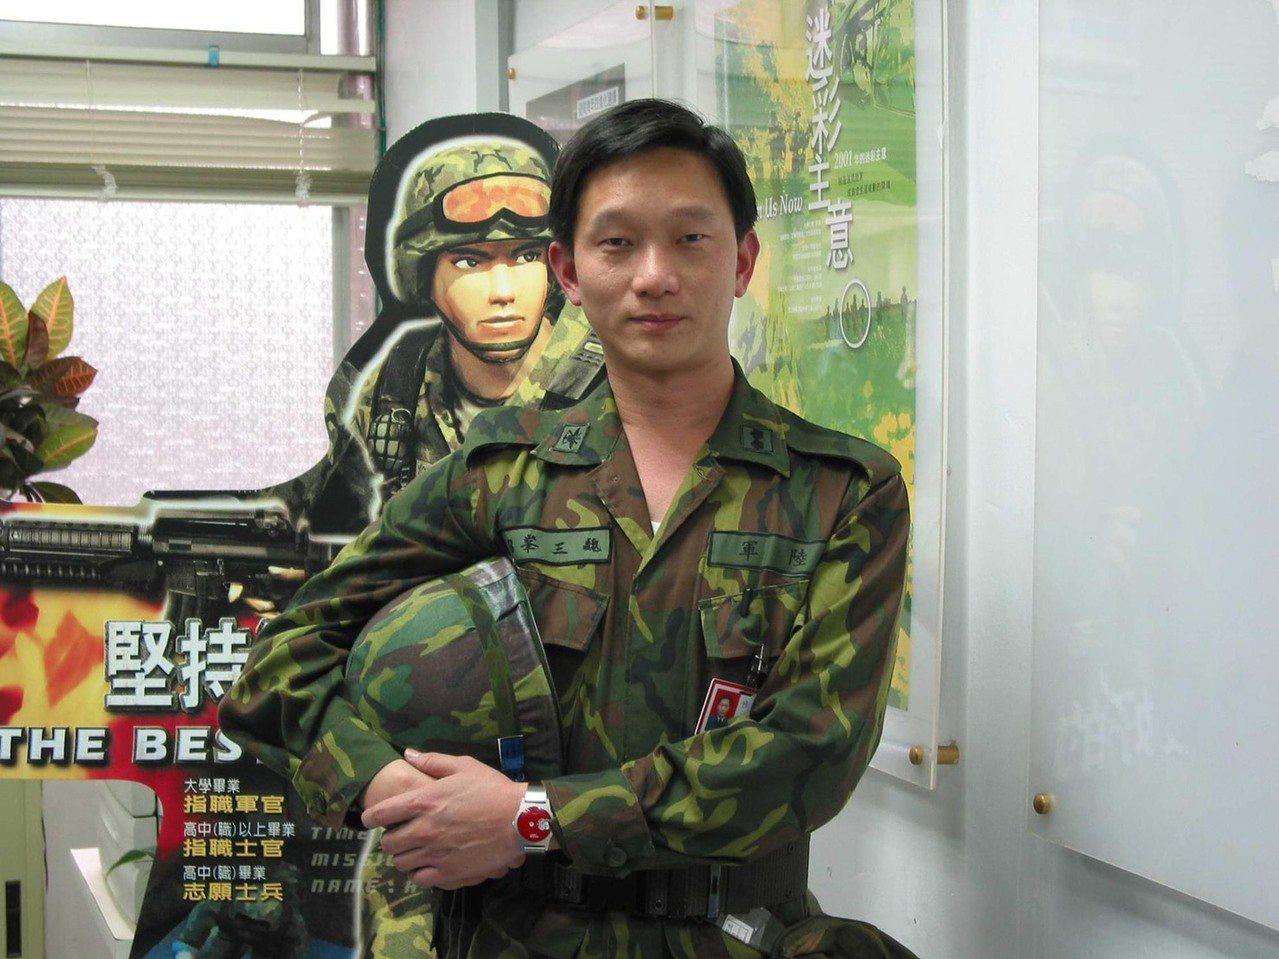 中校退役的魏三峰,從沒忘記對攝影的愛好,從事婚攝工作之餘,也下鄉補捉人物紀實。 ...